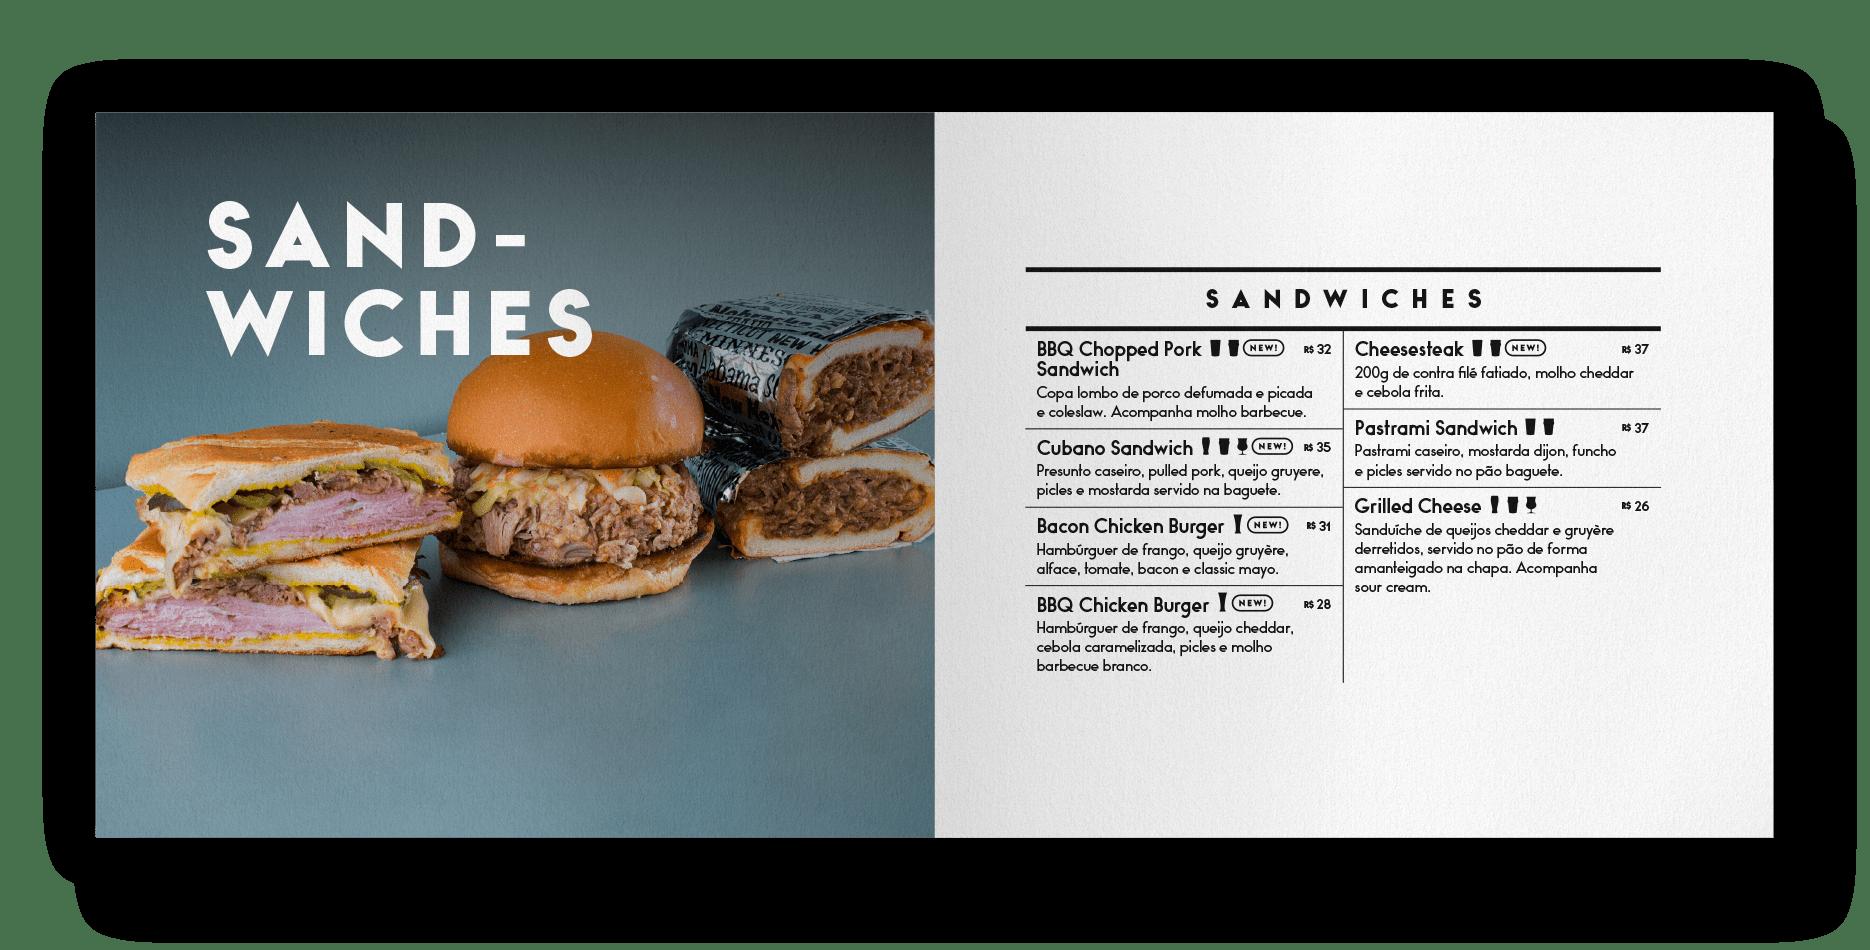 09-theburgermap-visualidentity-cardapio